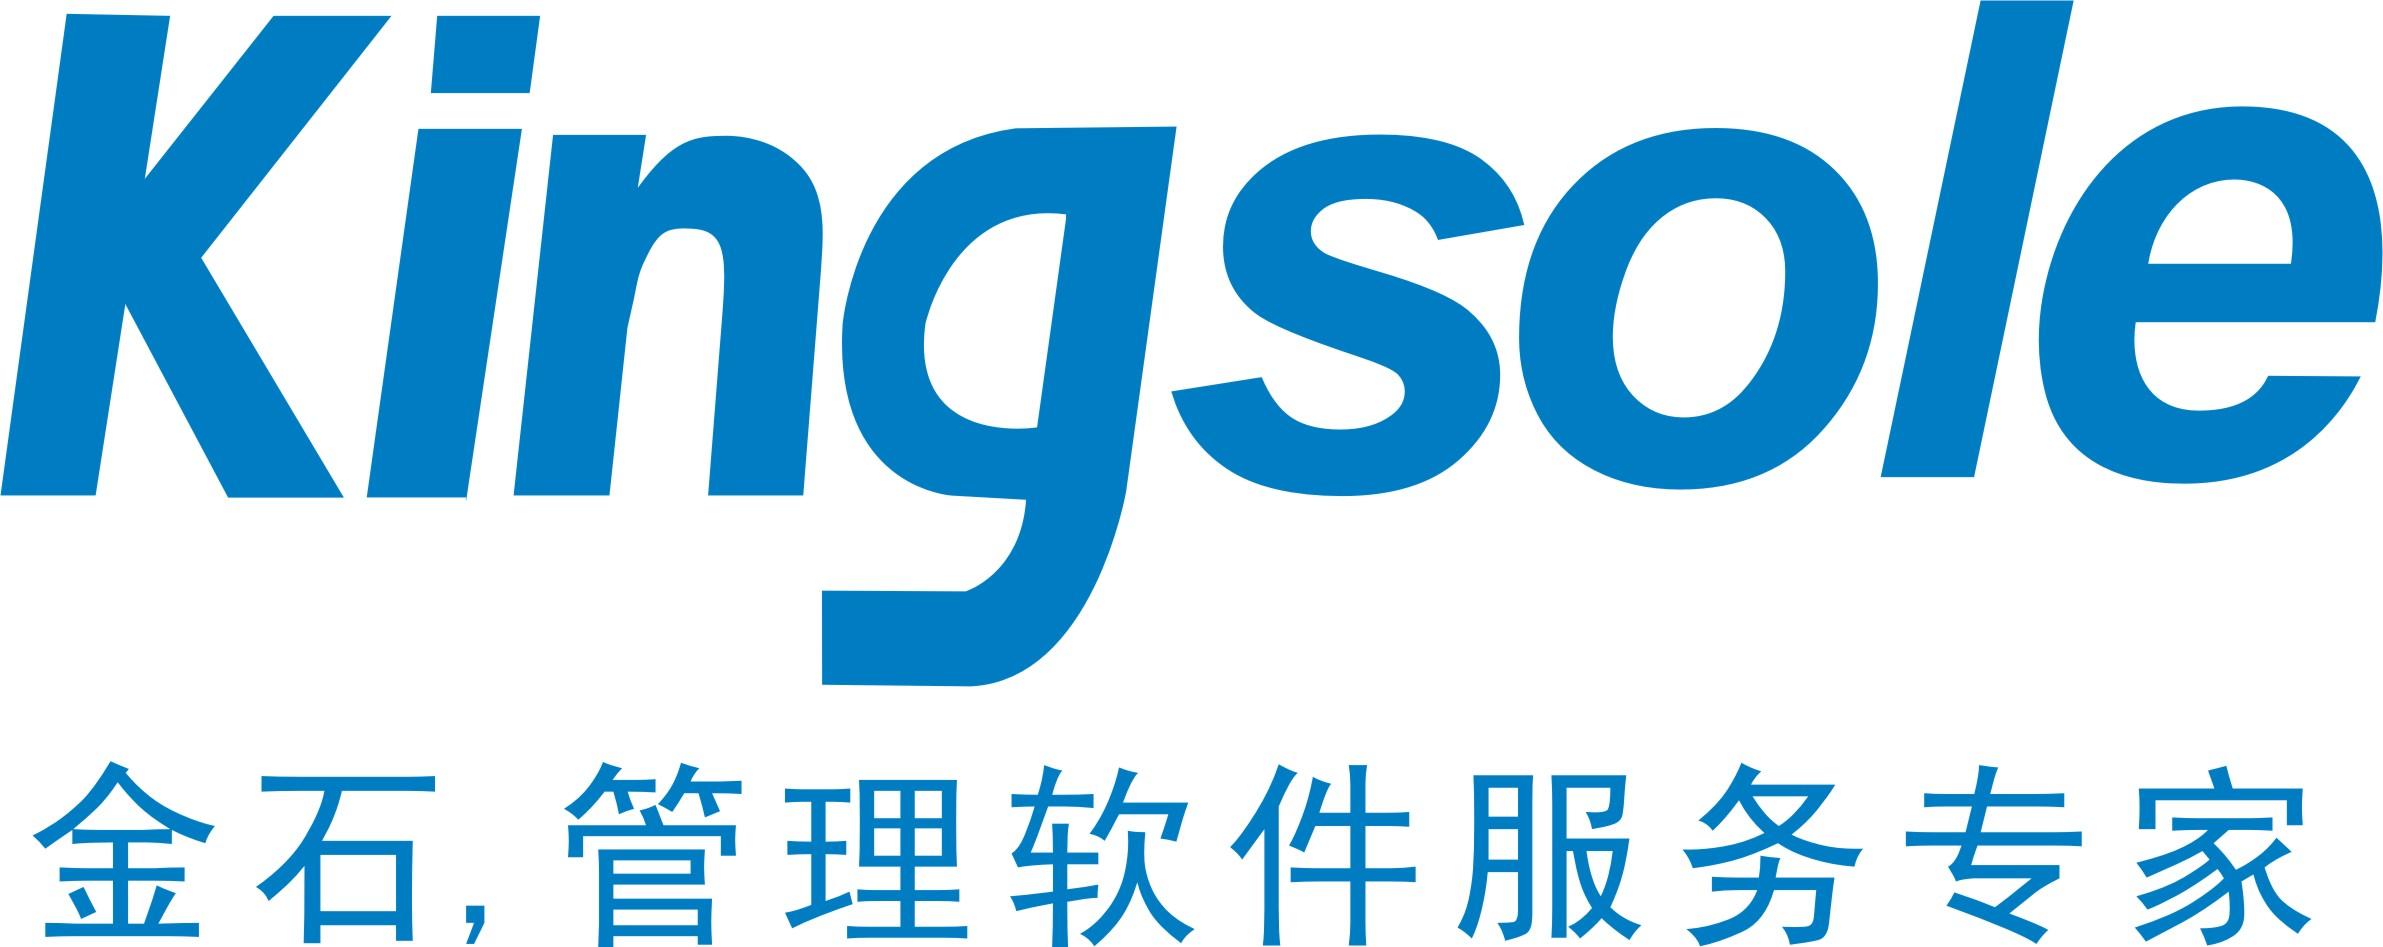 青岛迷你岛 logo